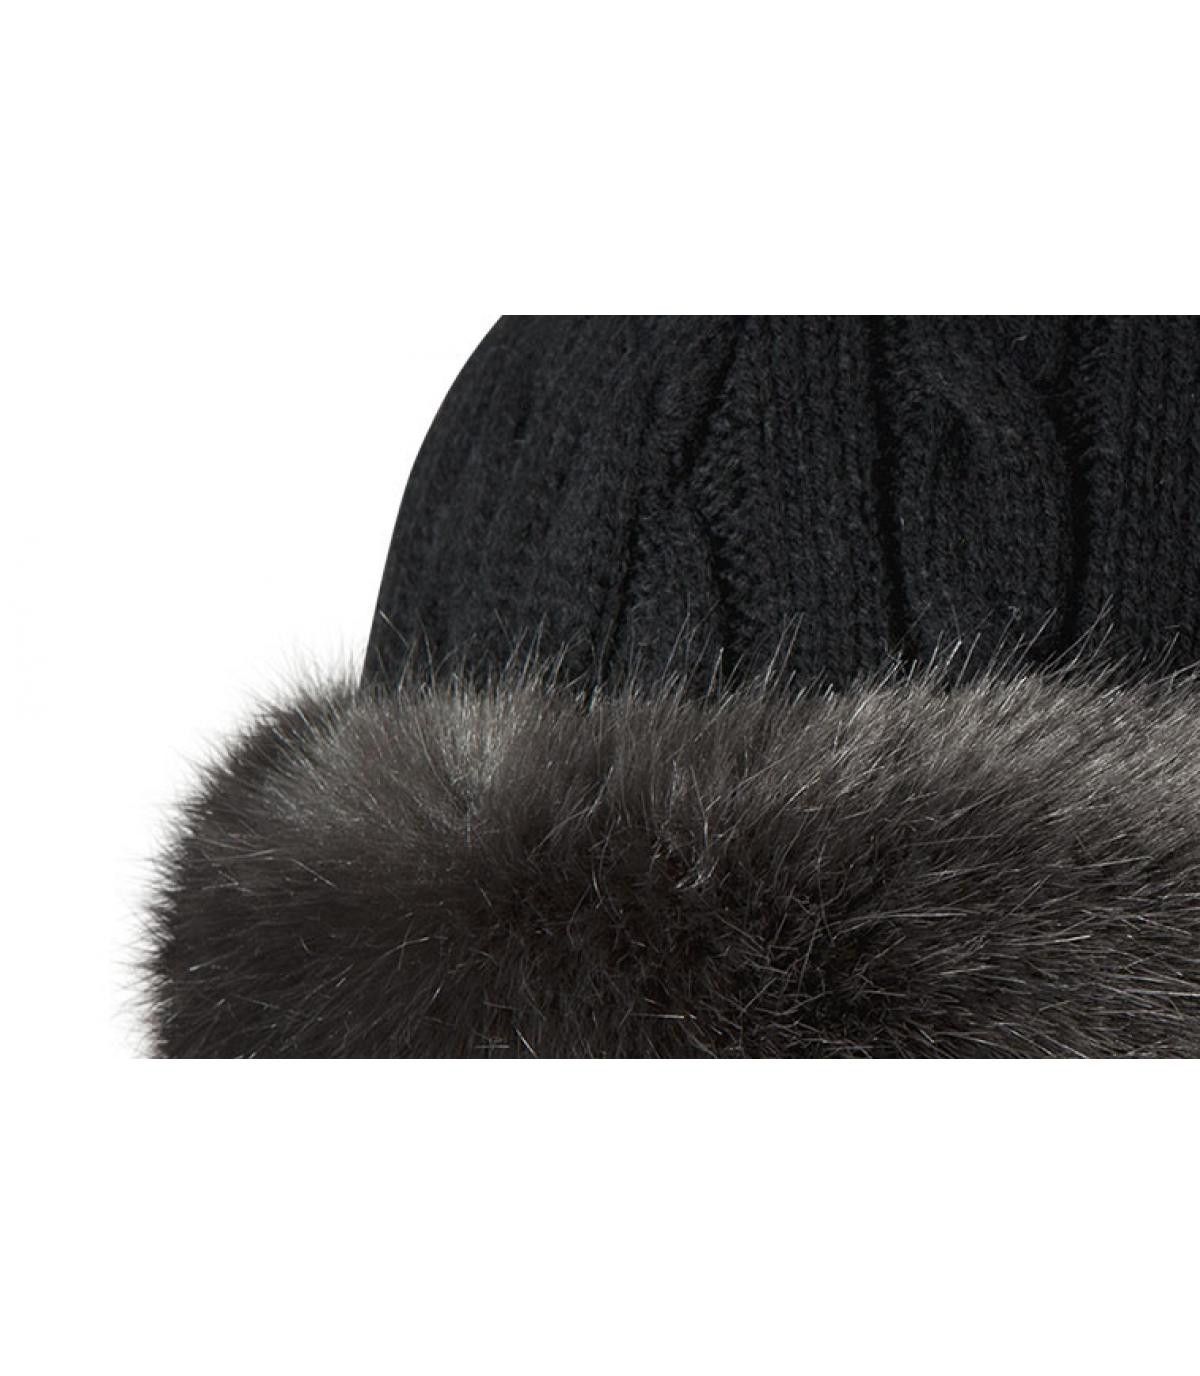 Details Bont hoed met kabelband grijs - afbeeling 2